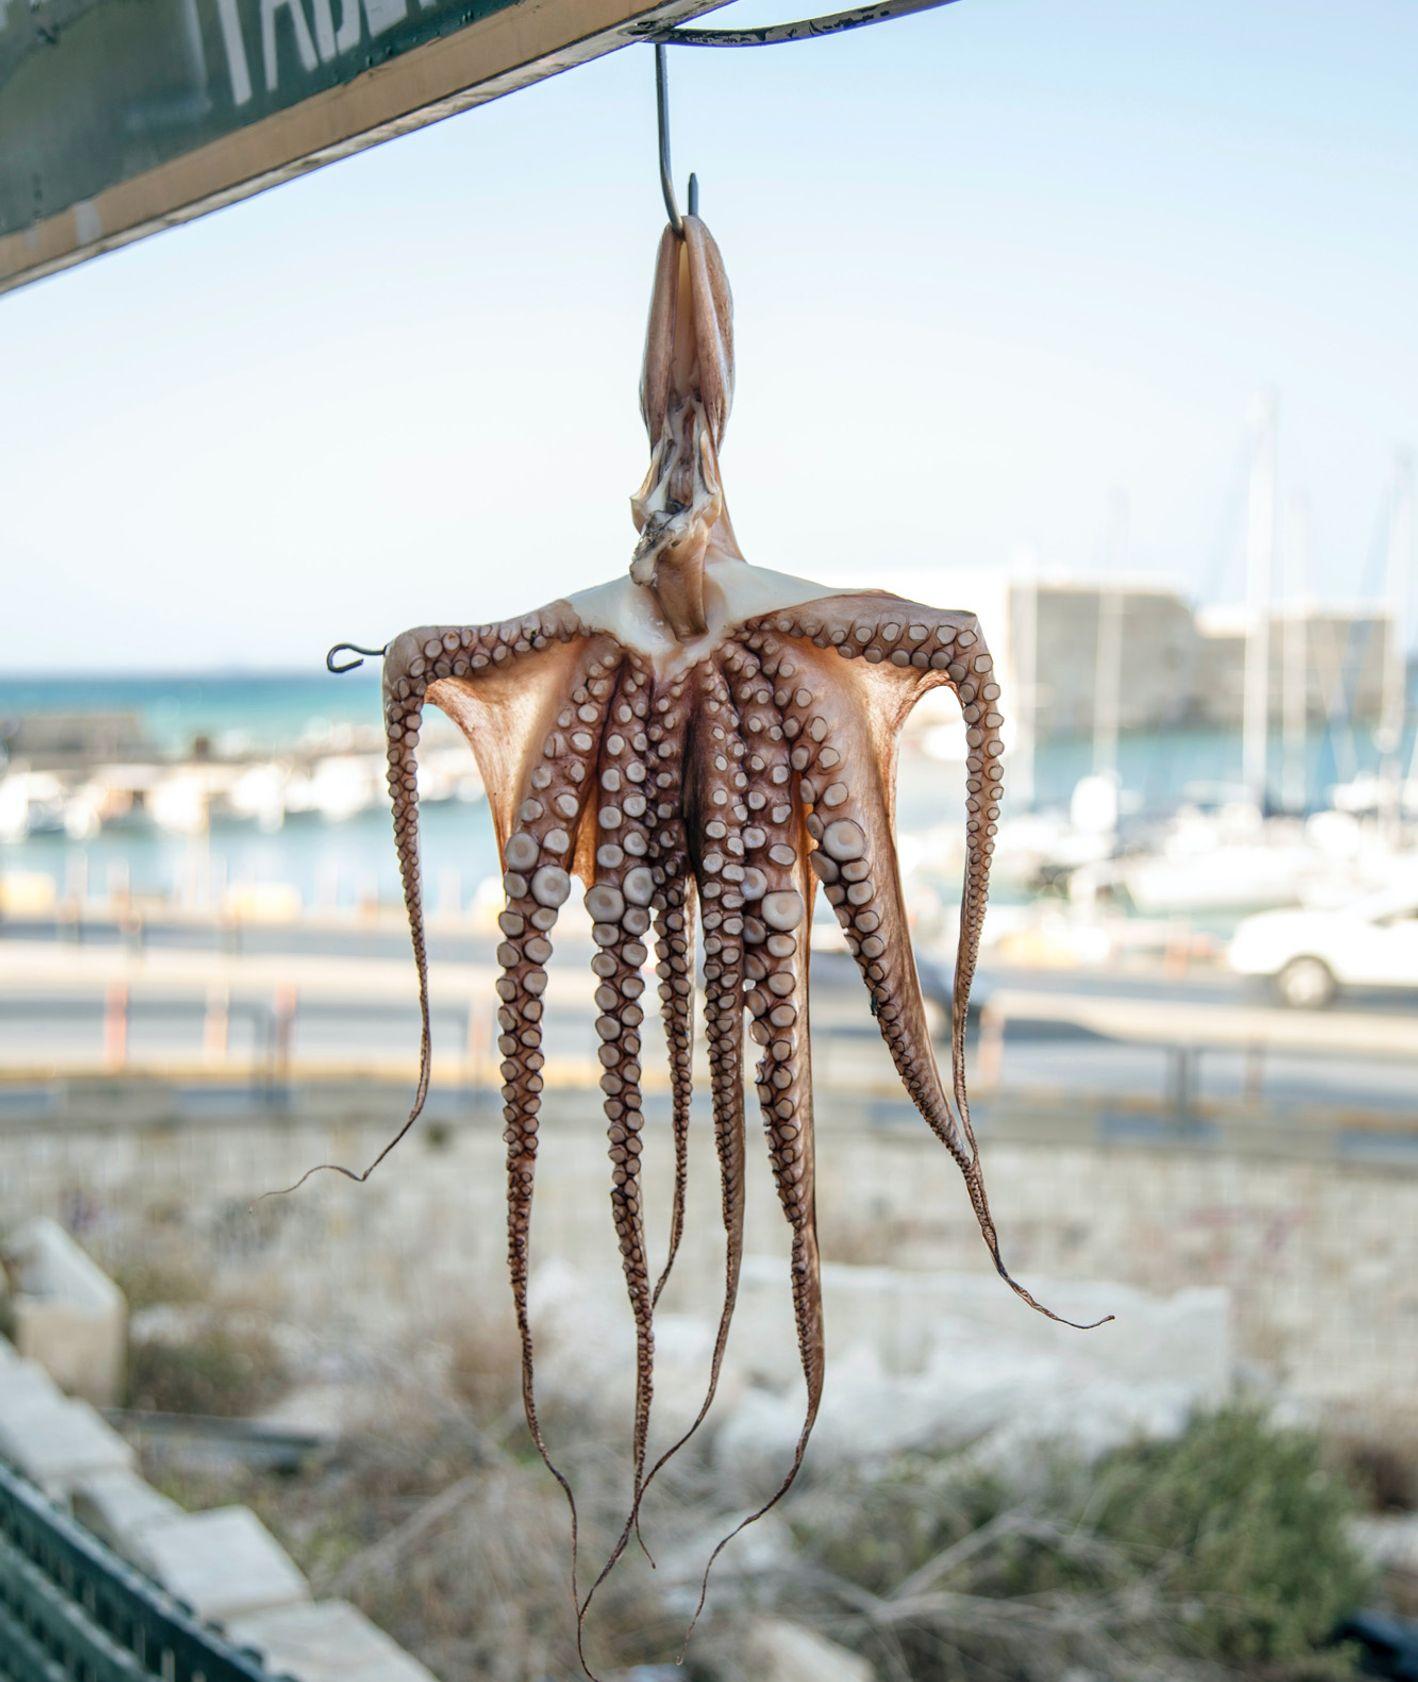 Ośmiornica na haku w porcie greckim (fot. Milada Vigerova / unsplash.com)